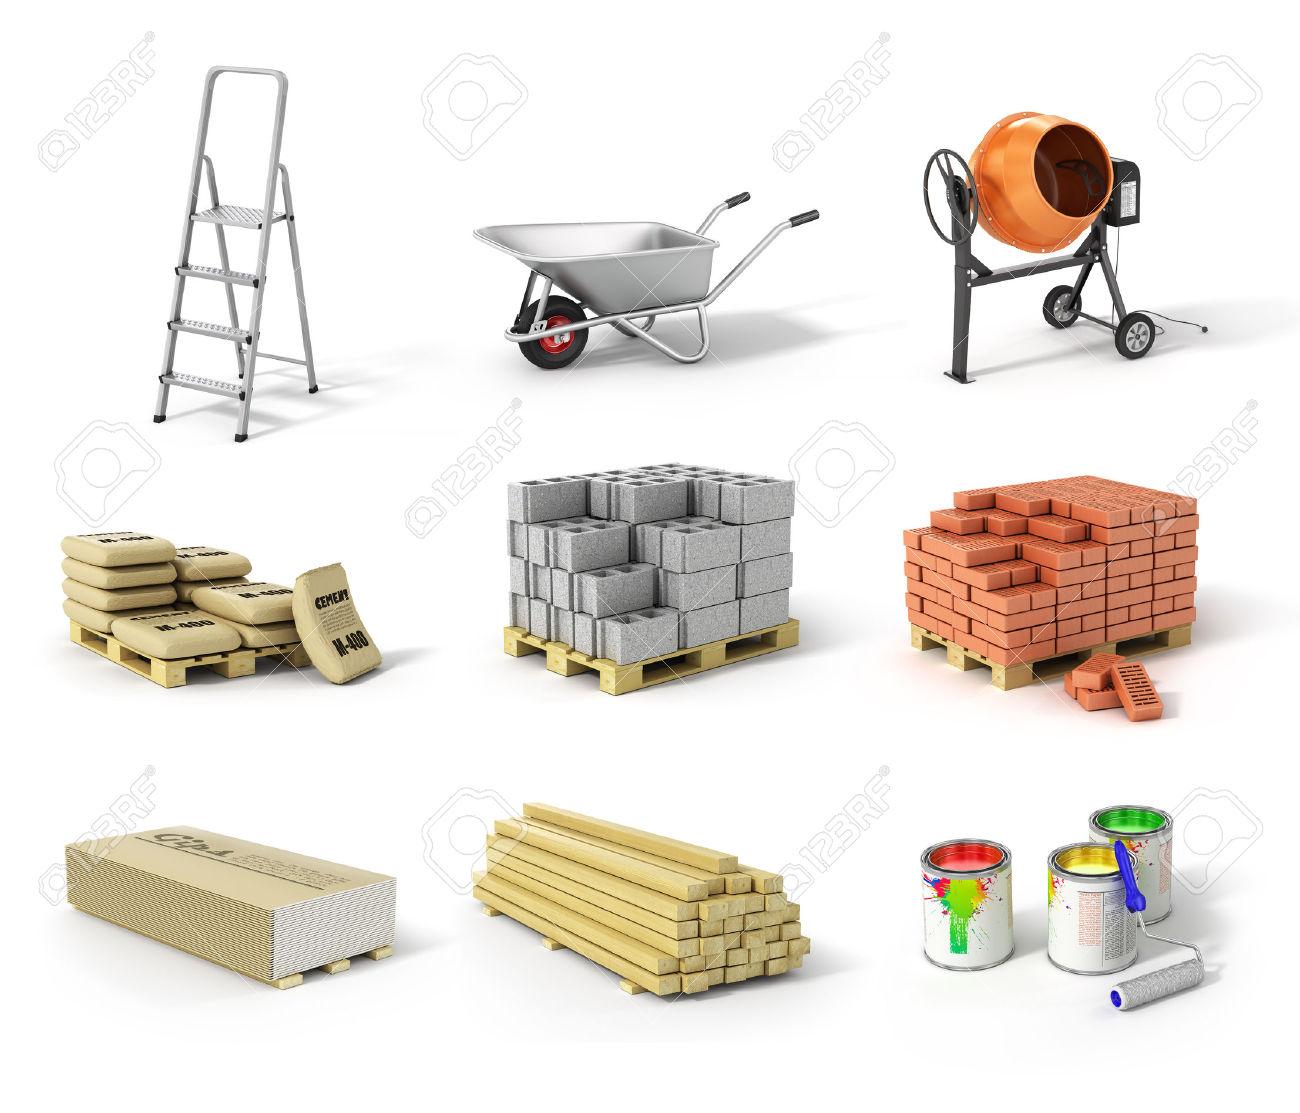 Materiales de construcci n im genes de tipos de materiales - Tipos de materiales de construccion ...